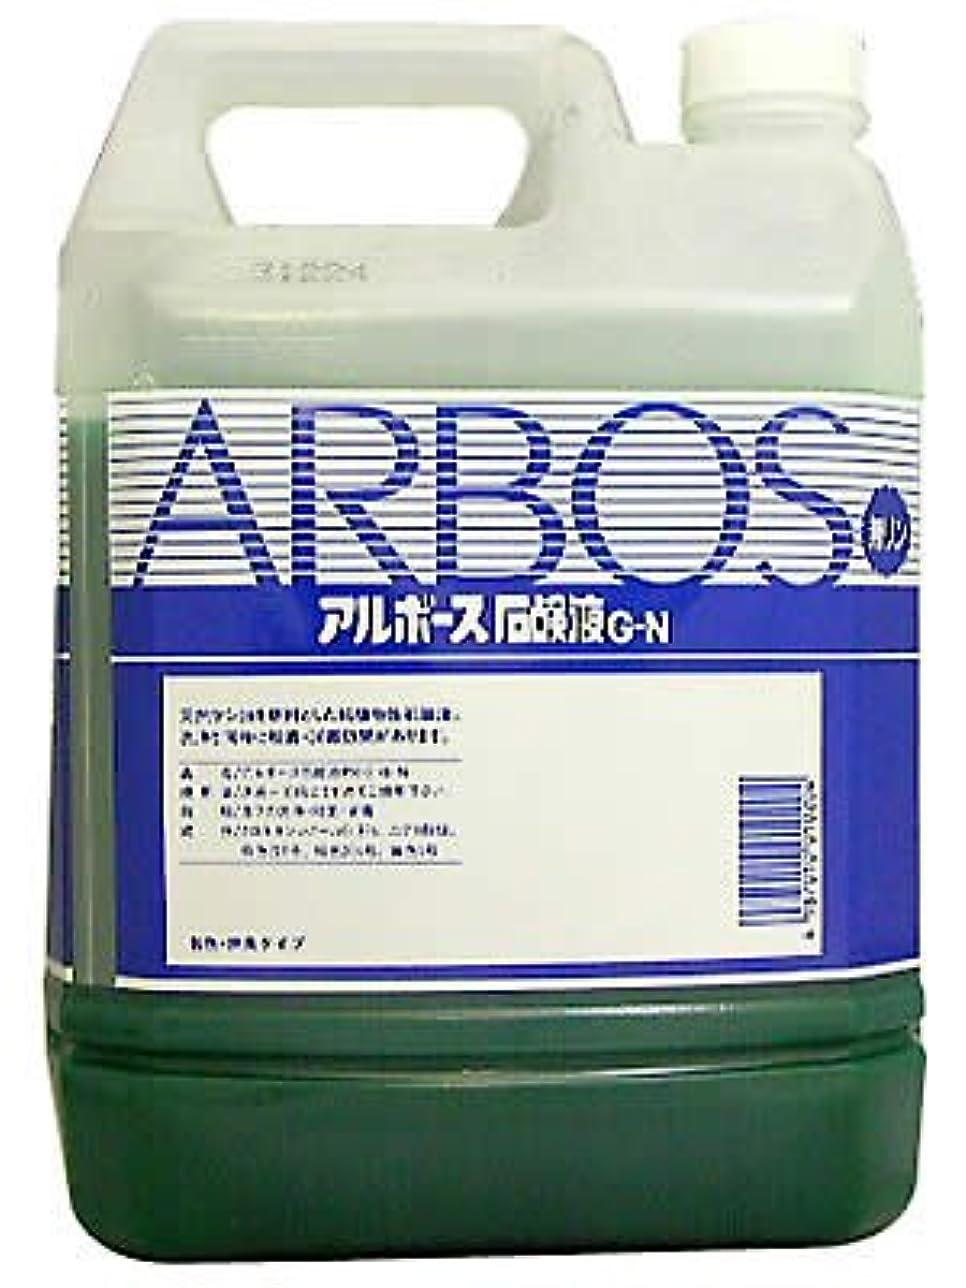 本当に懲戒悪化するアルボース石鹸液G-N 010204kg / 6-8601-01